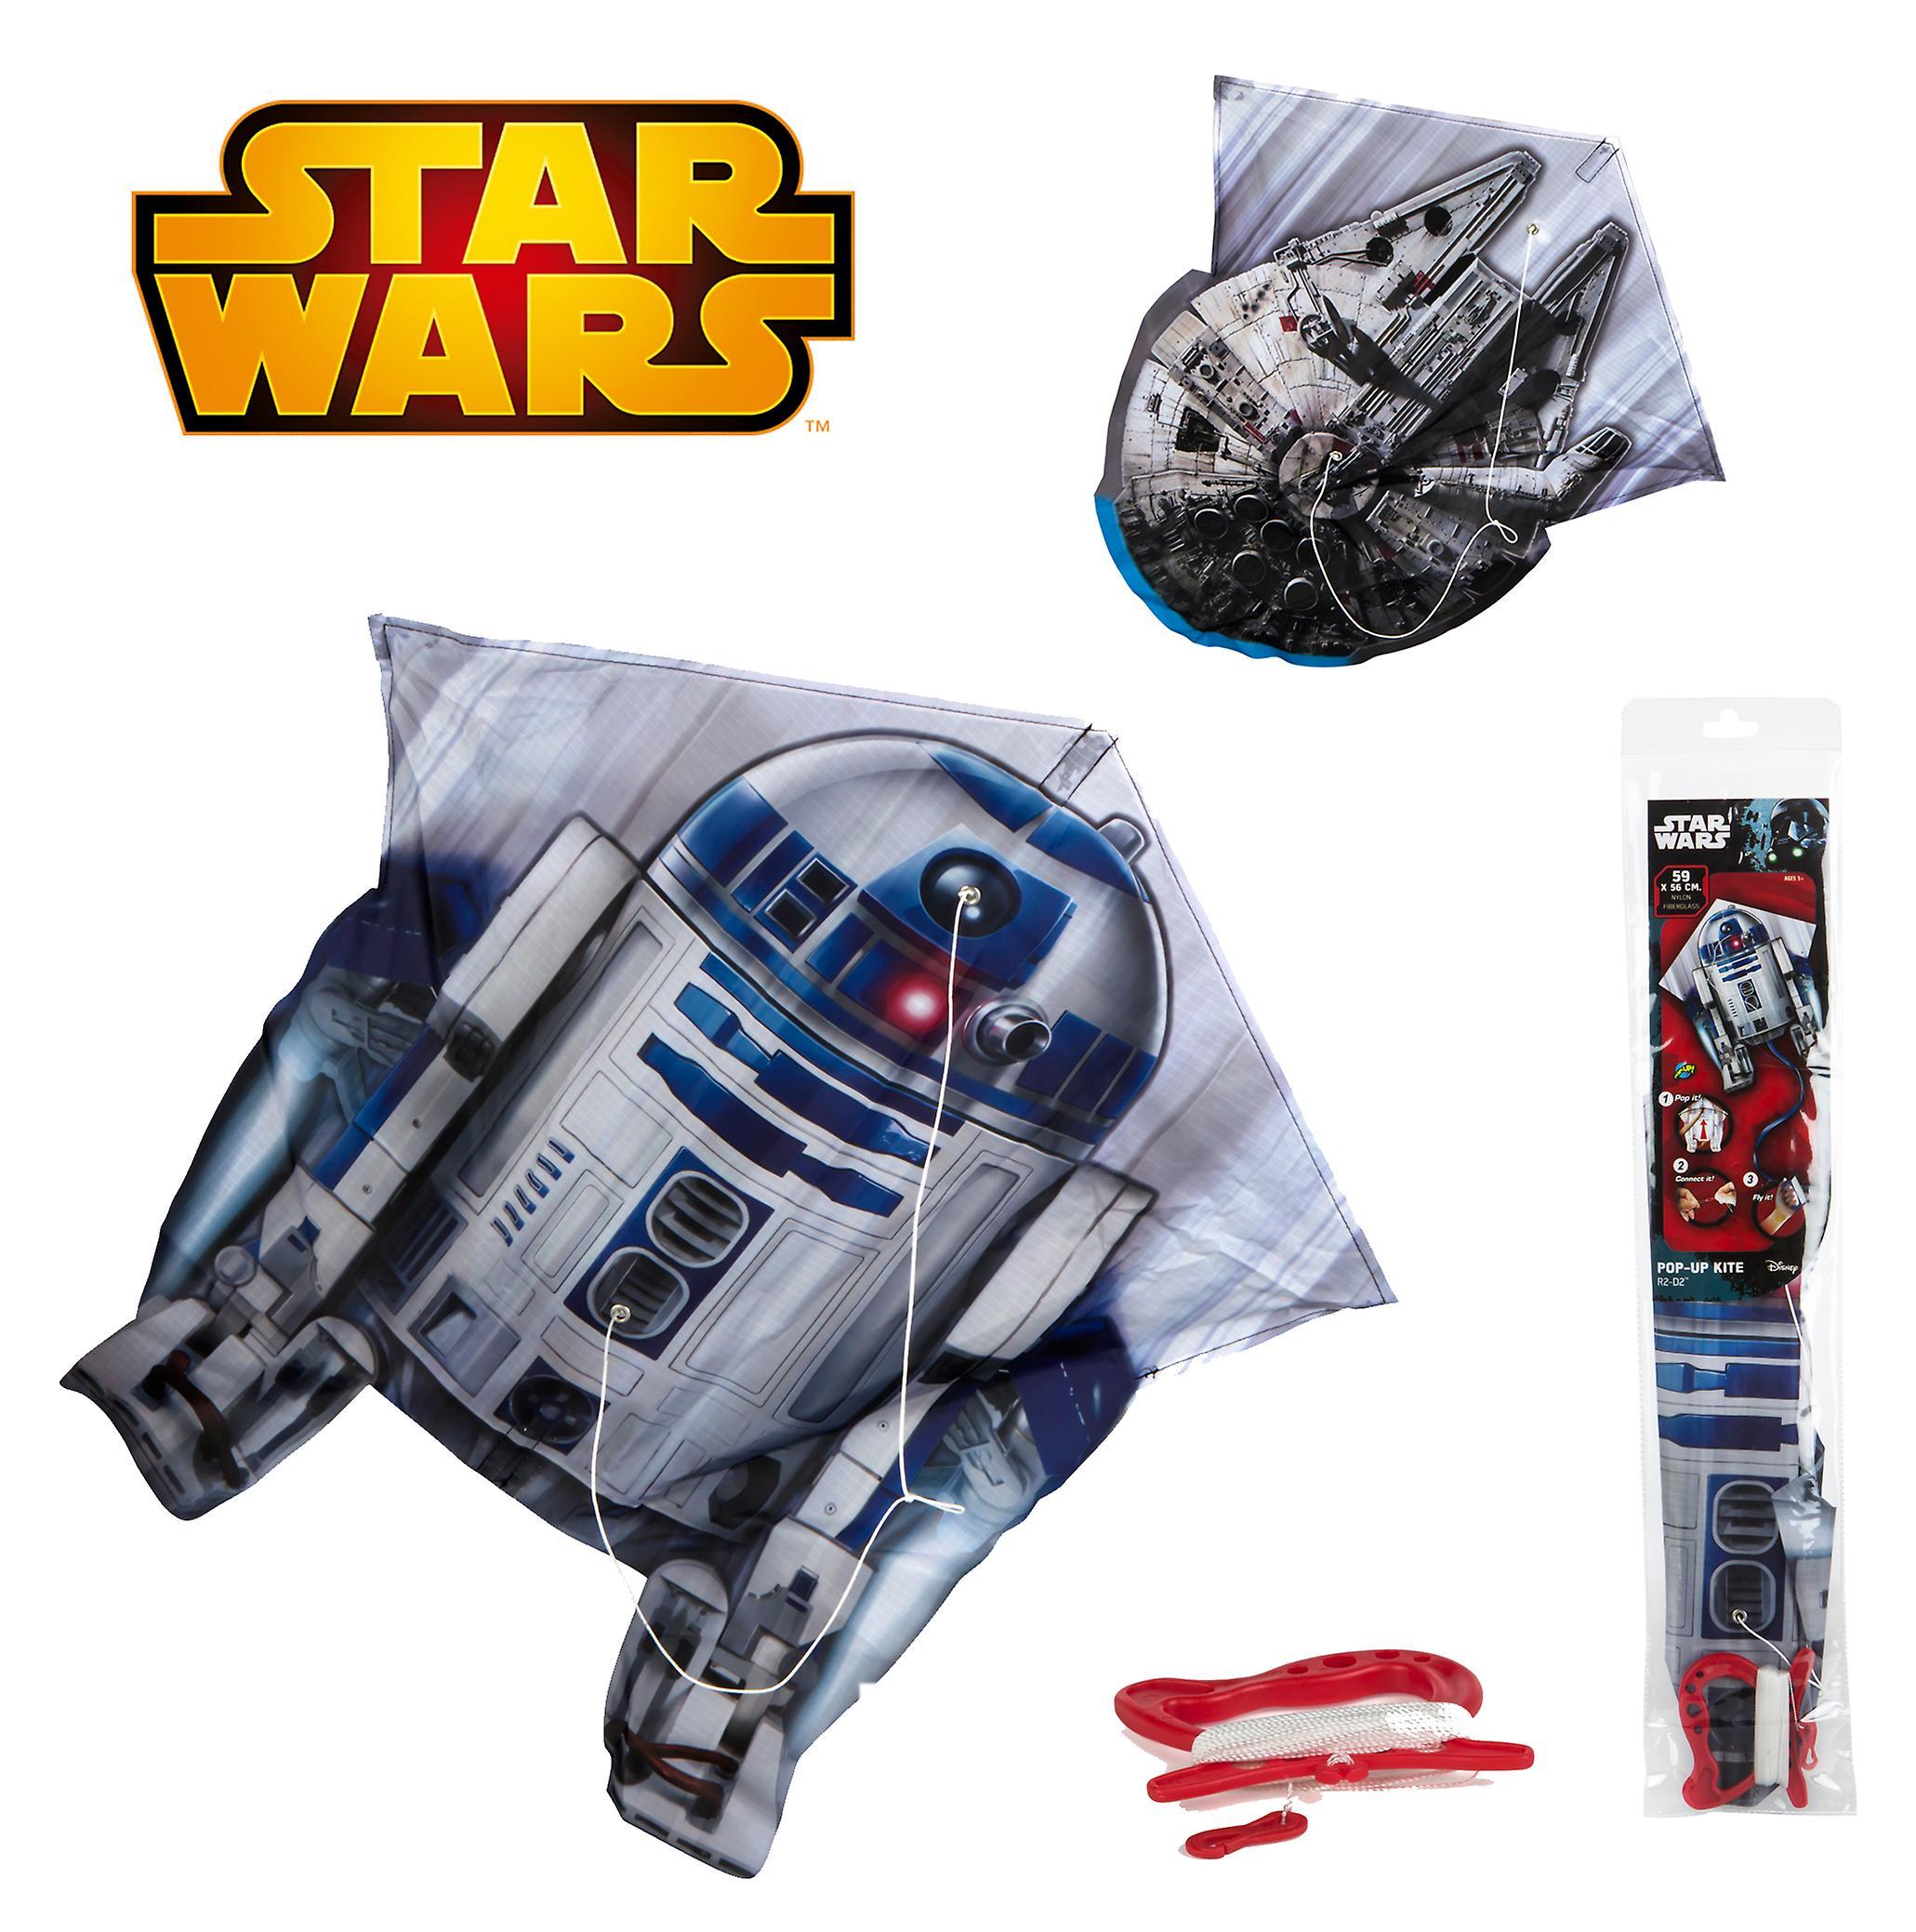 Colorbaby Star Wars Cometa nylon Pop-up 59x56 (Bebés y Niños , Juguetes , Otros)